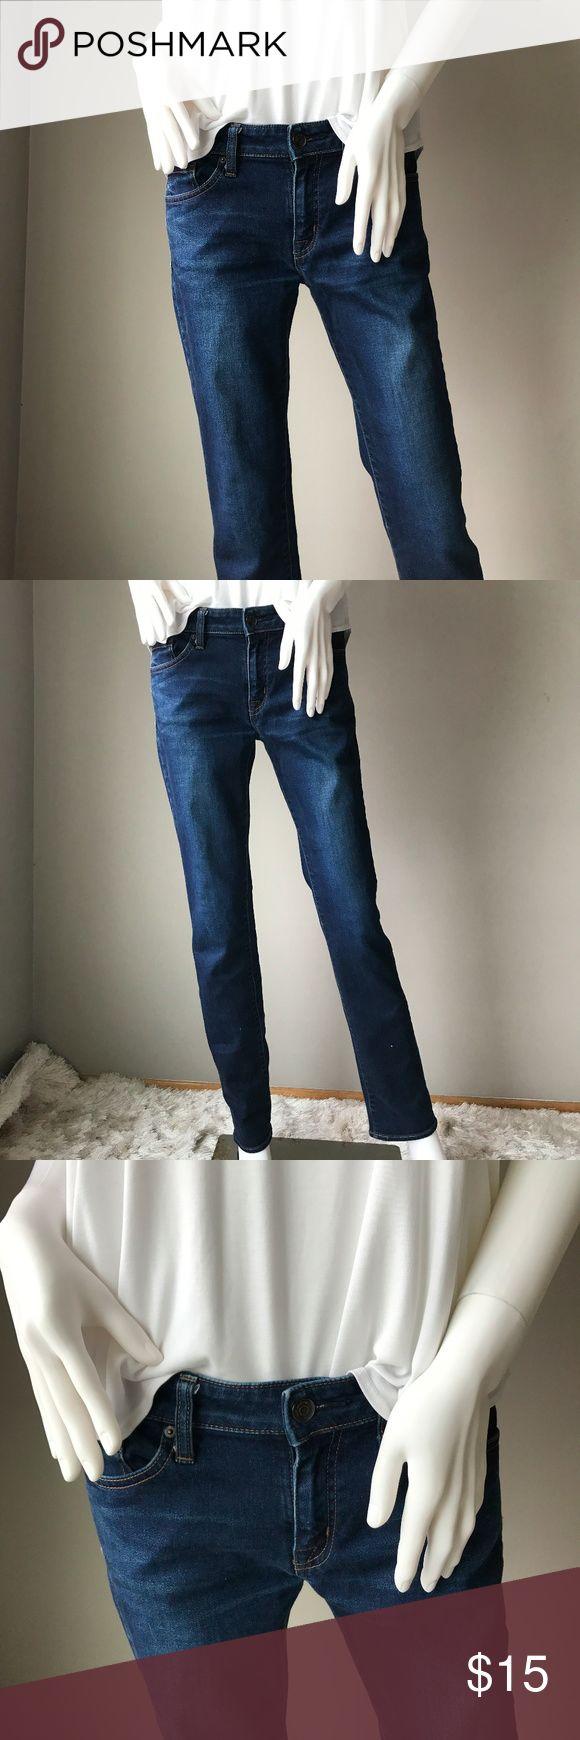 Uniqlo straight cut blue jeans Super comfortable and stylish Uniqlo straight cut blue jeans. Good condition. Outer seam 39 in inner seam 31 in. Button to crotch 10 in. Uniqlo Jeans Straight Leg